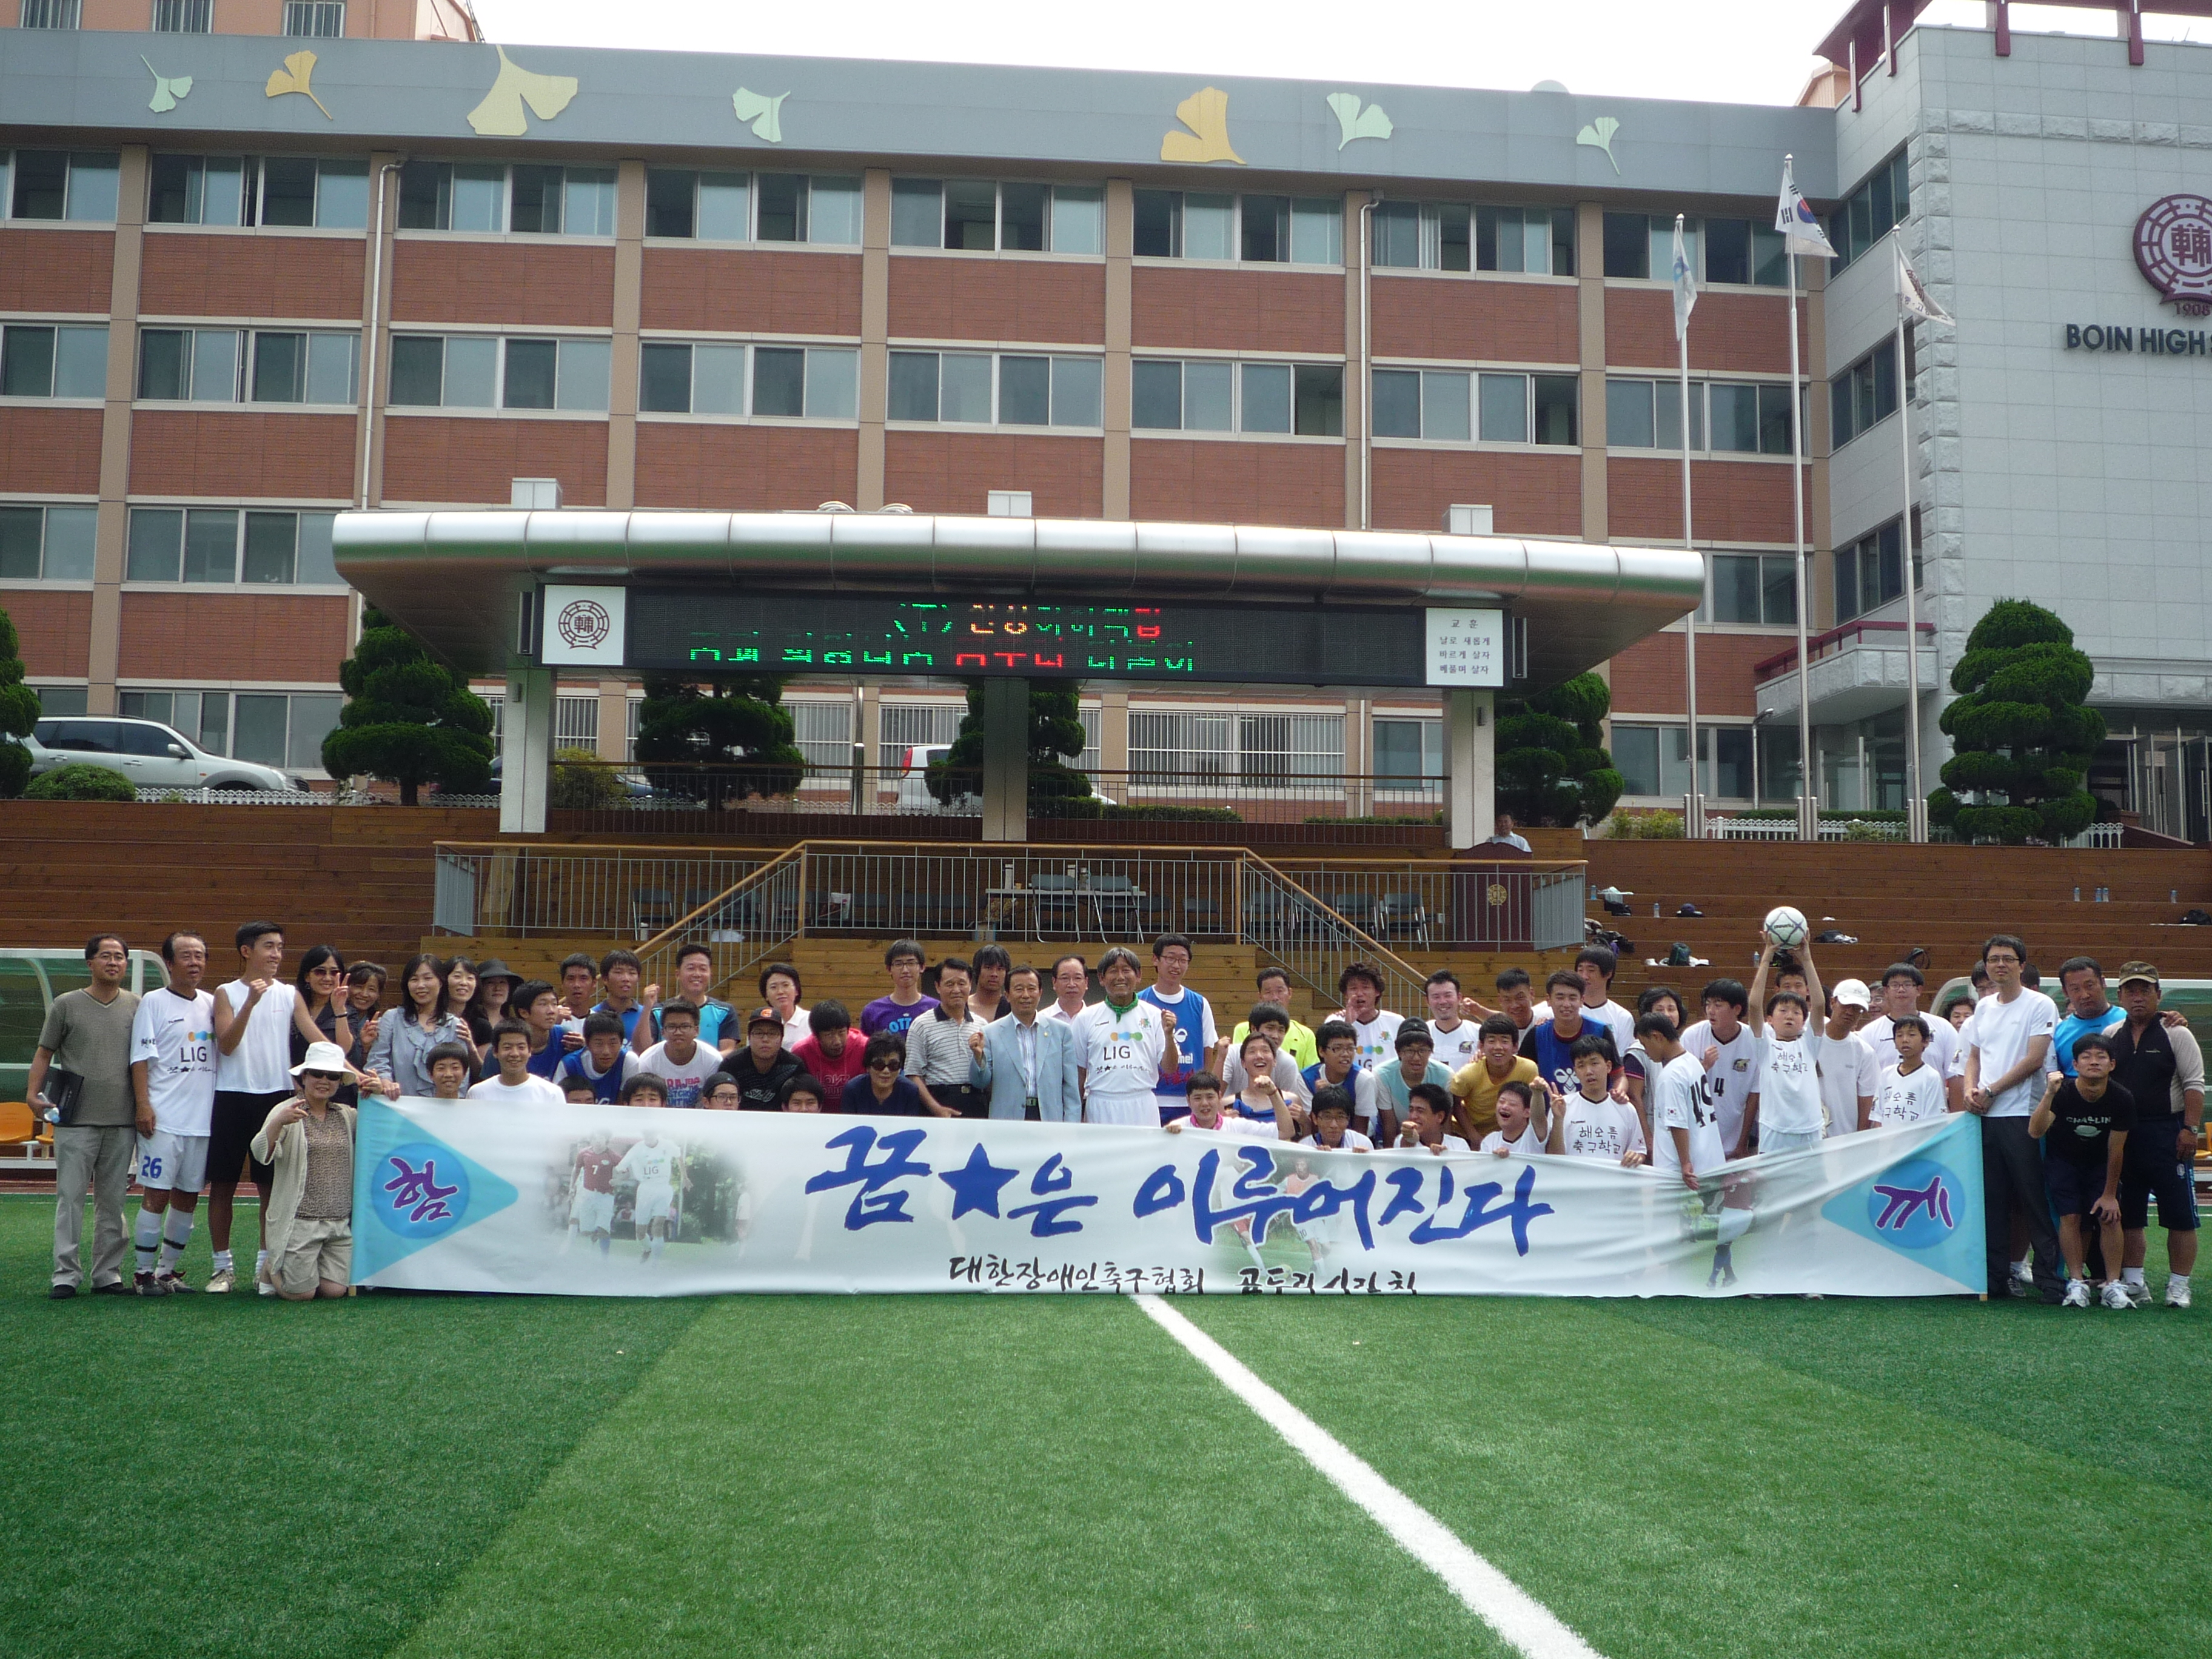 2009/09/06 곰두리사랑회 축구 봉사활동 첨부이미지